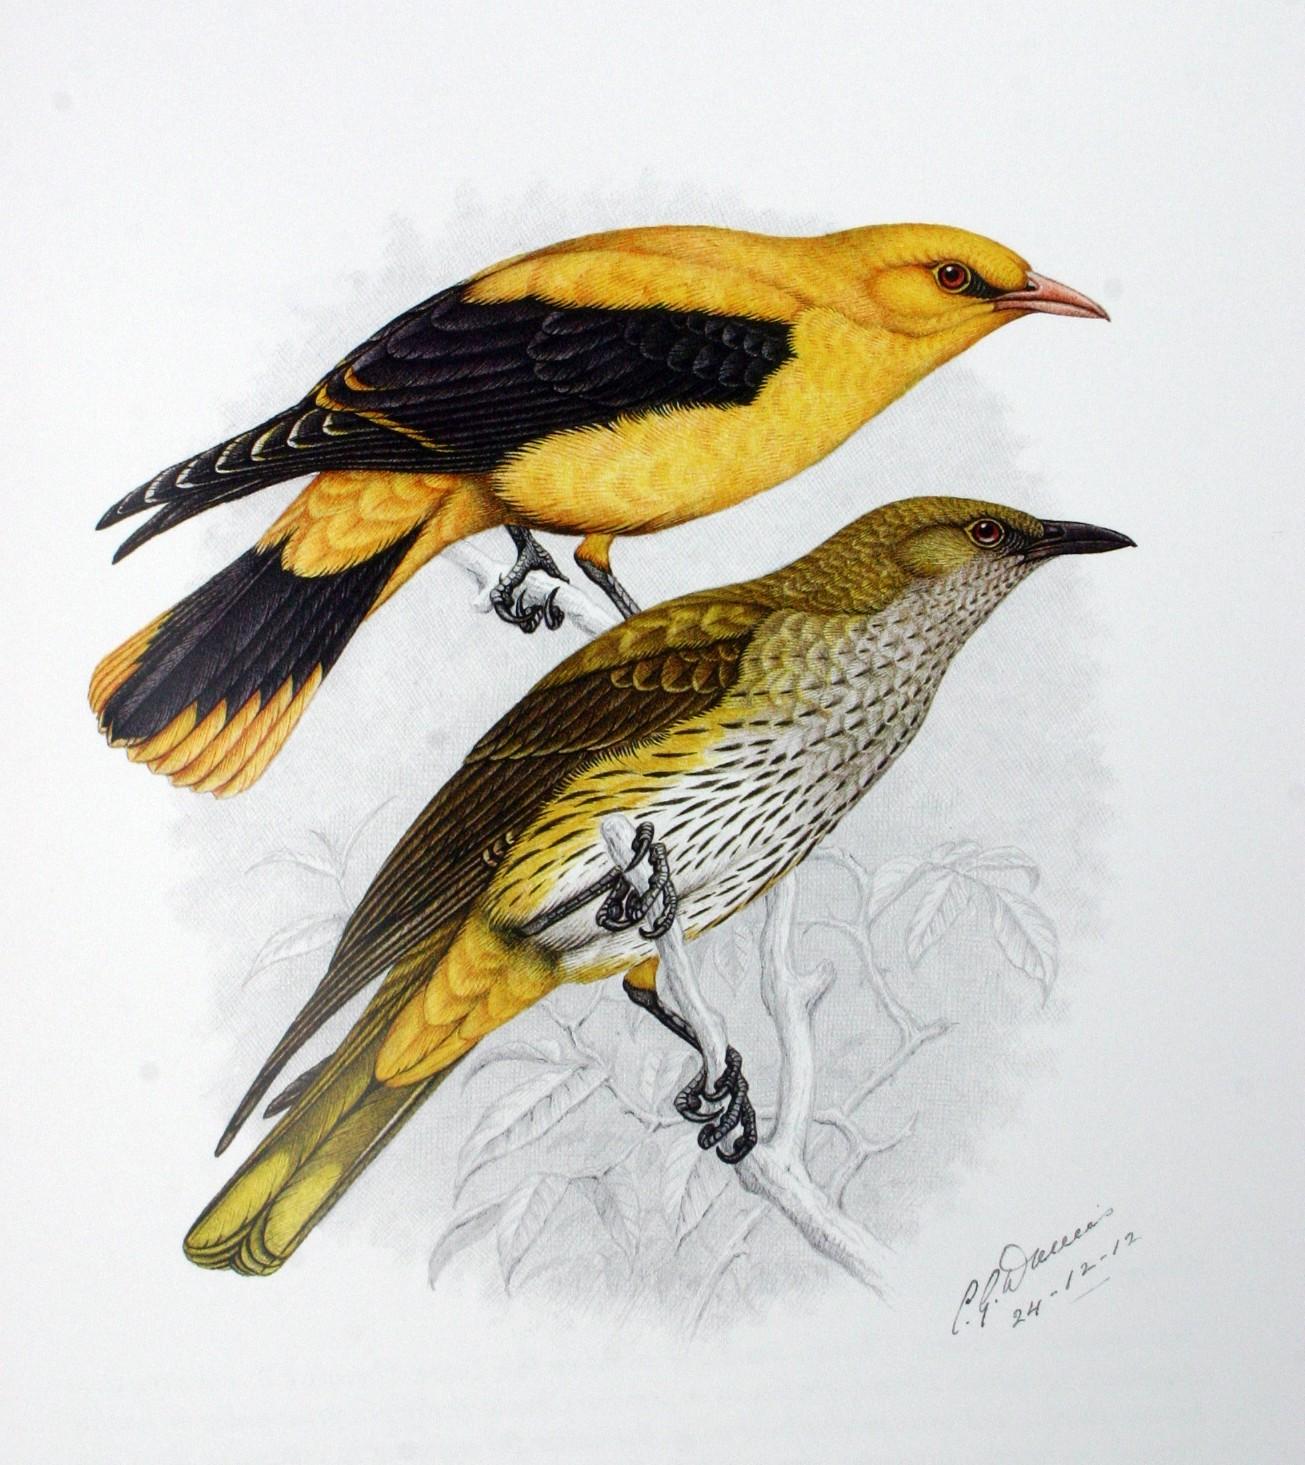 Рисунок википедия - 4c7b